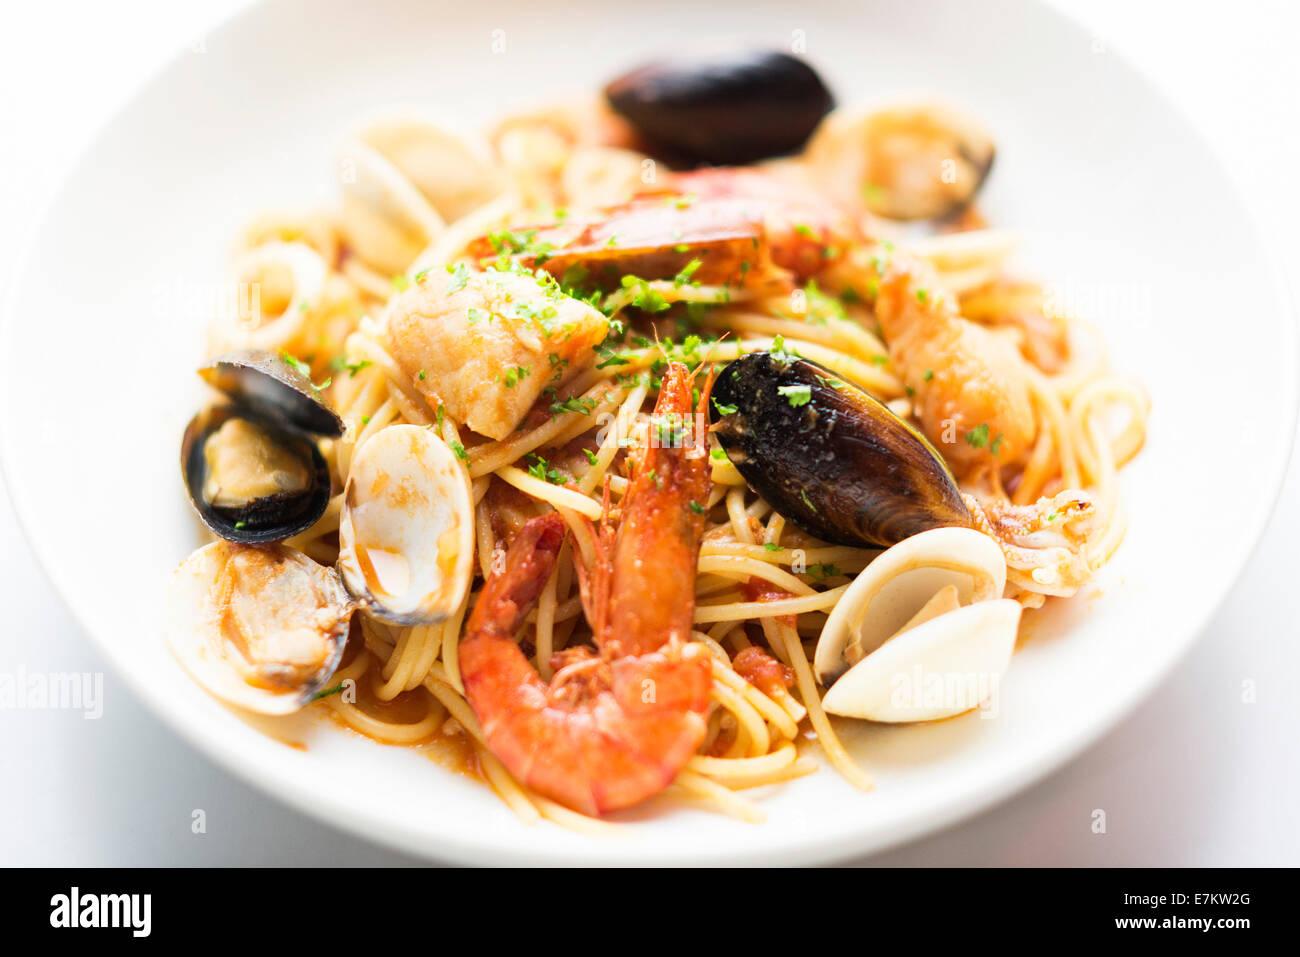 seafood pasta dish detail - Stock Image